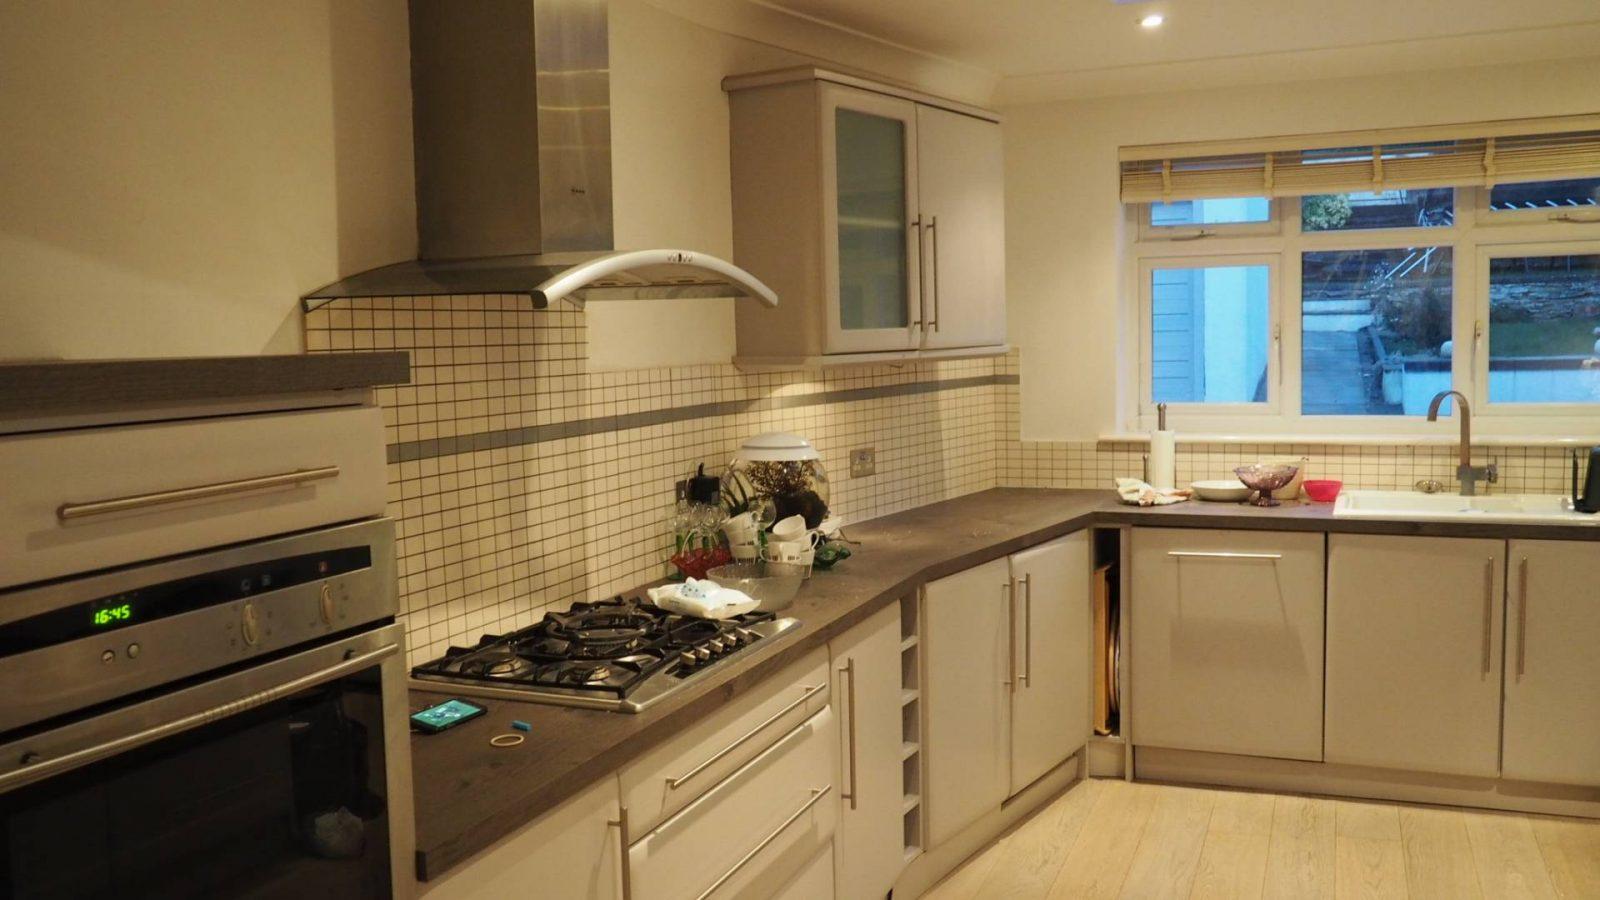 Our Kitchen Renovation – Part 1